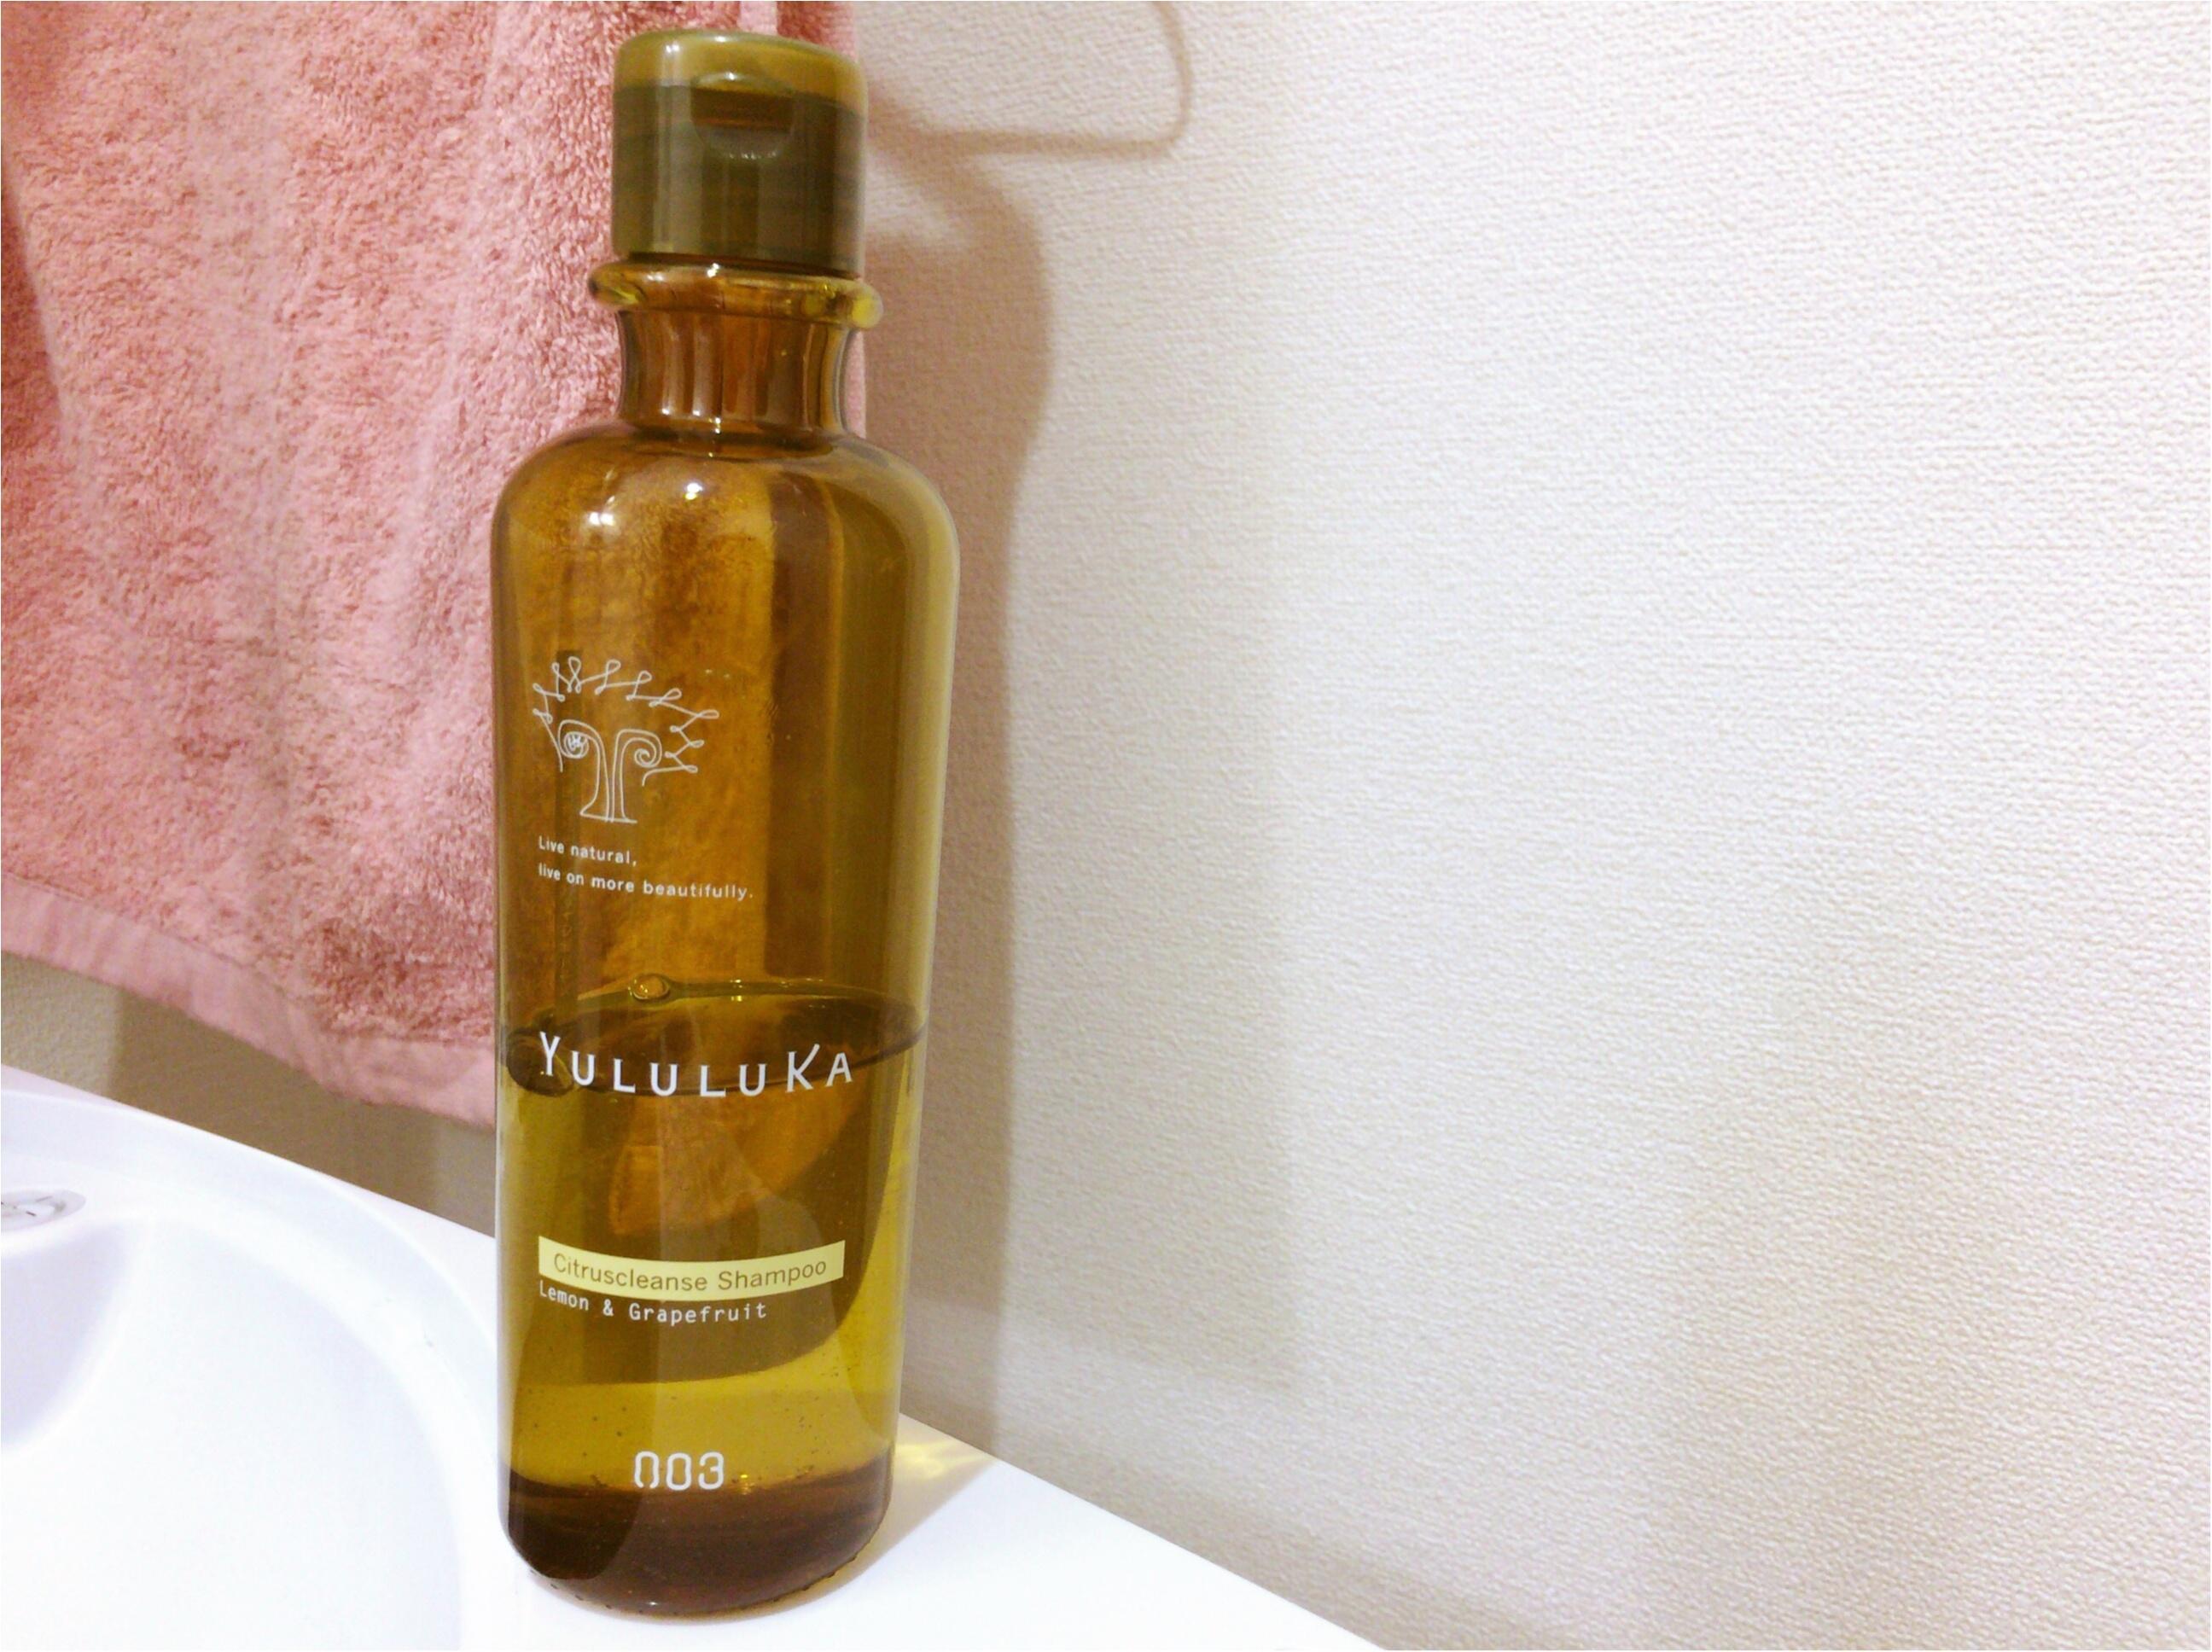 夏一押し!【頭皮シャンプー】植物の力で美髪《YULULUKA》シトラス香る天然系クレンジング♡_5